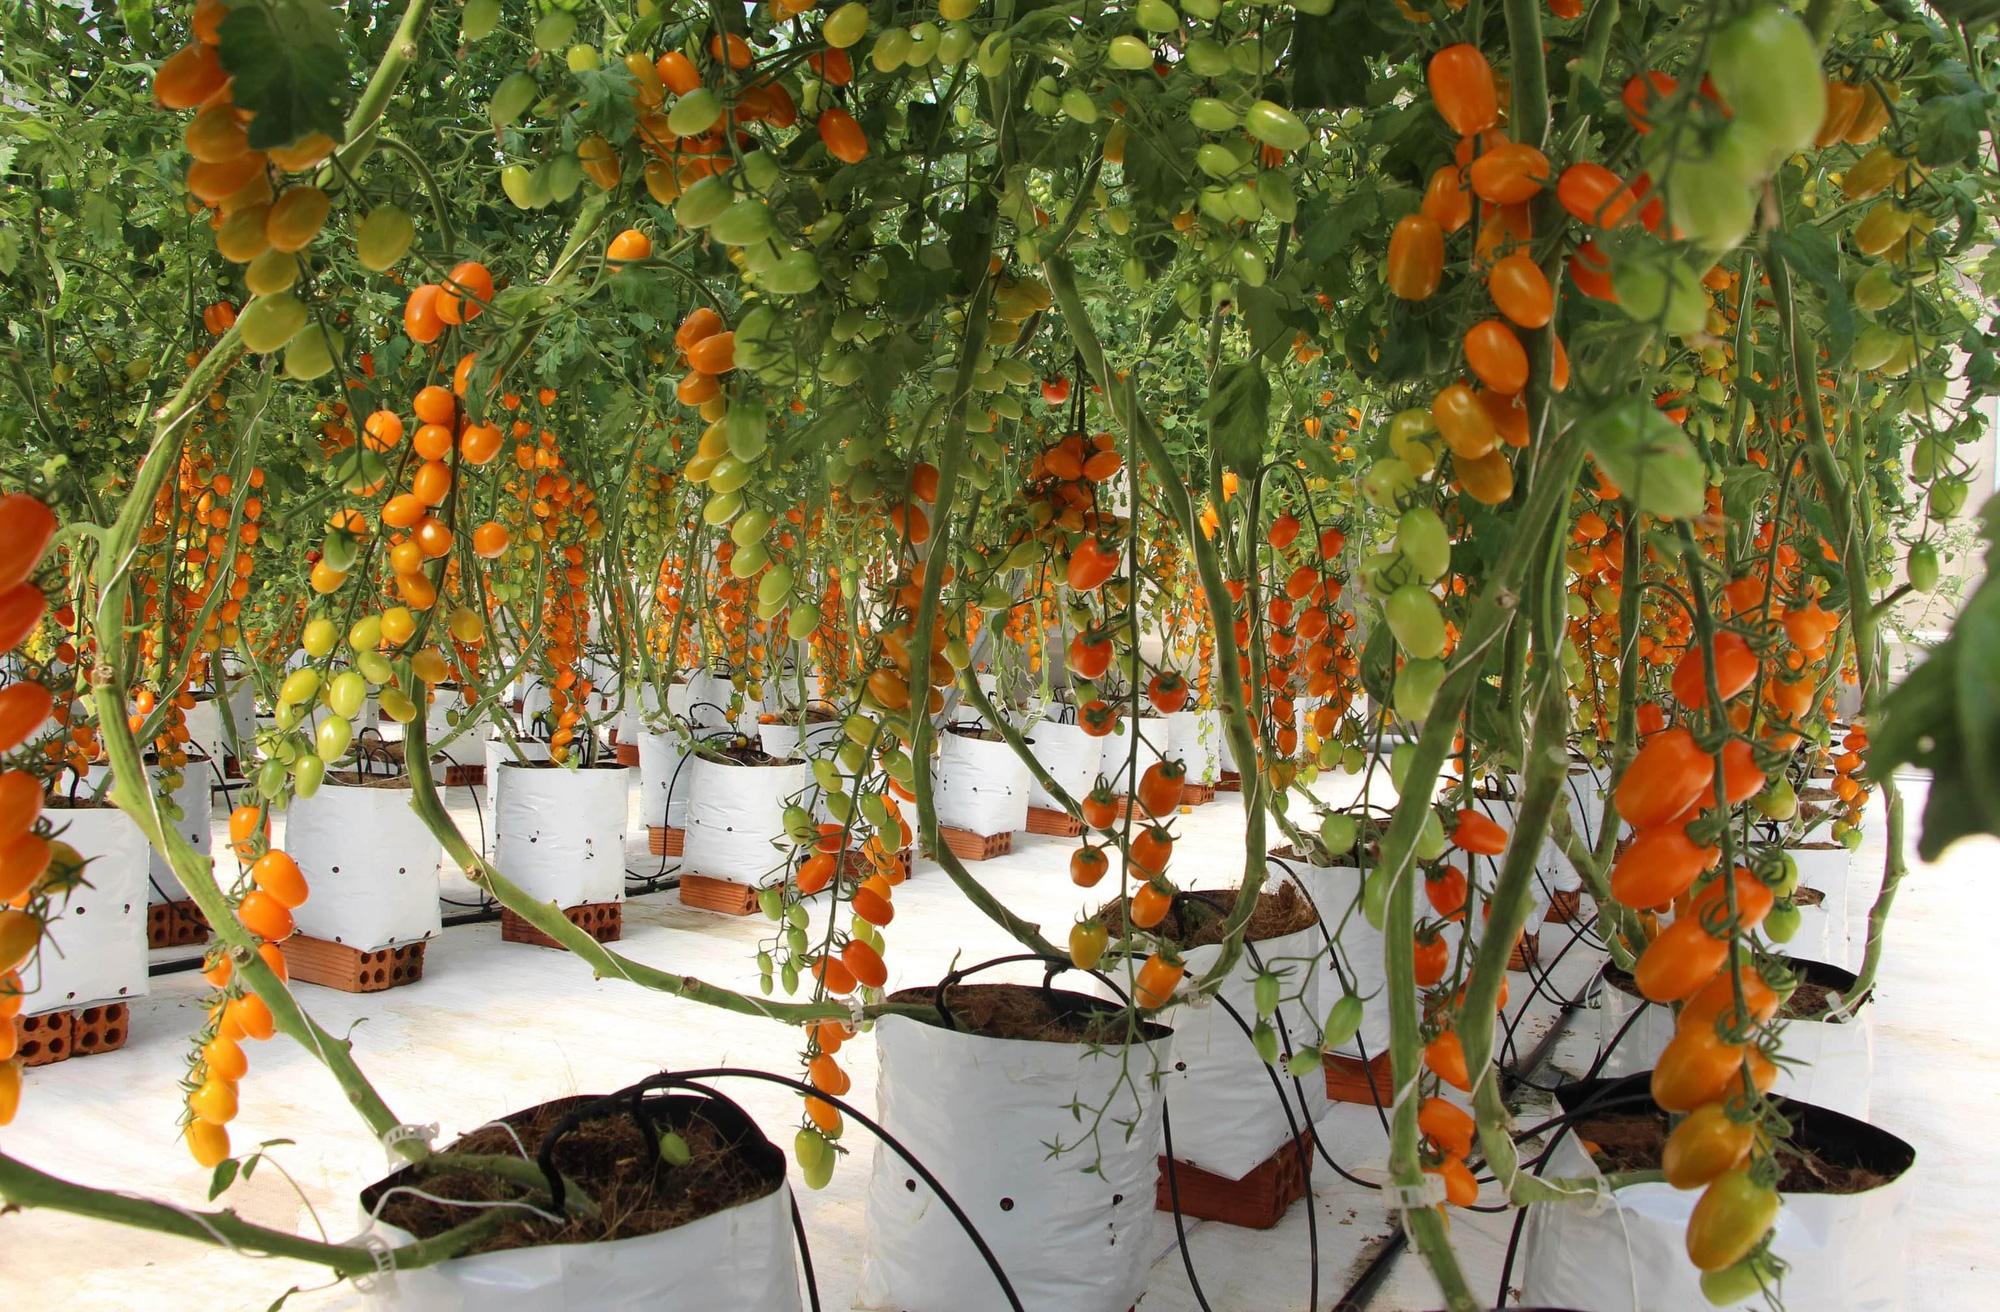 Mê mẩn vườn cà chua Nova công nghệ cao của cô giáo đam mê nông nghiệp sạch - Ảnh 4.